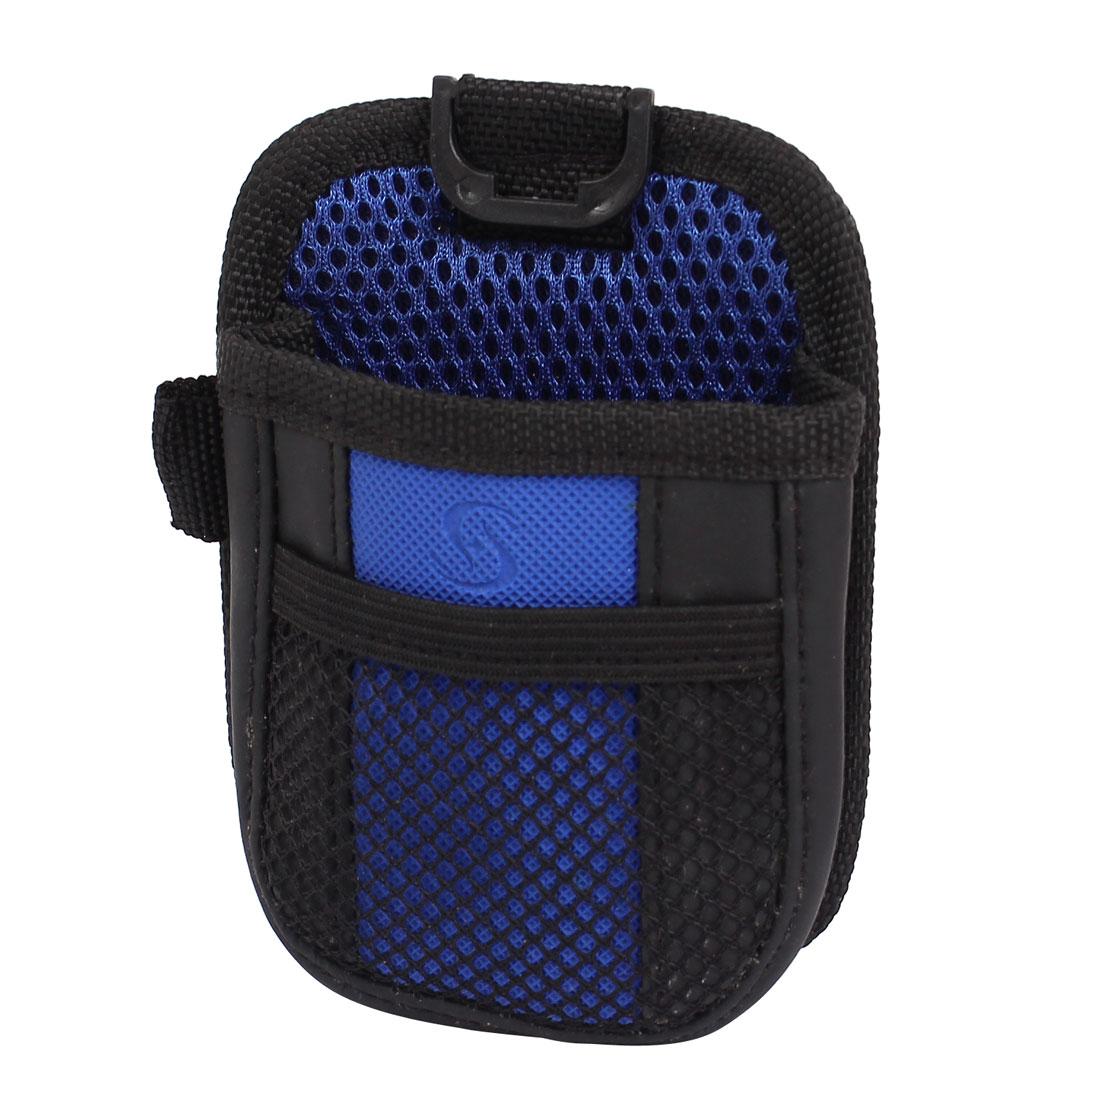 Automotive Mesh Design Phone Pocket Holder Storage Bag Black Blue